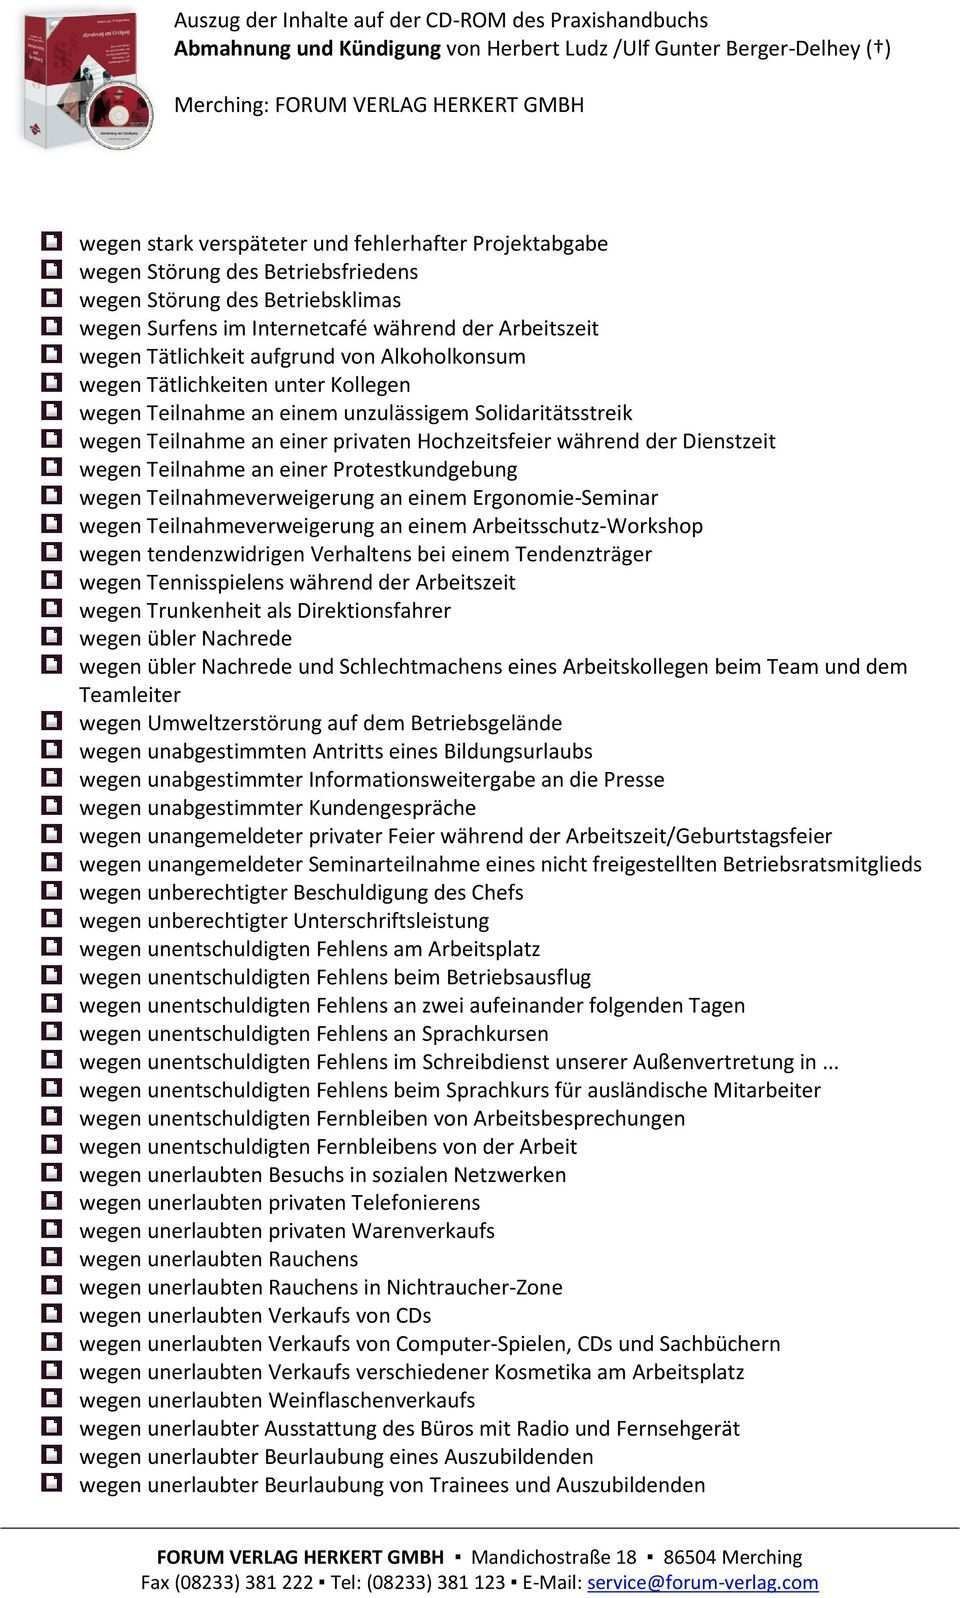 Abmahnung Und Kundigung Pdf Free Download